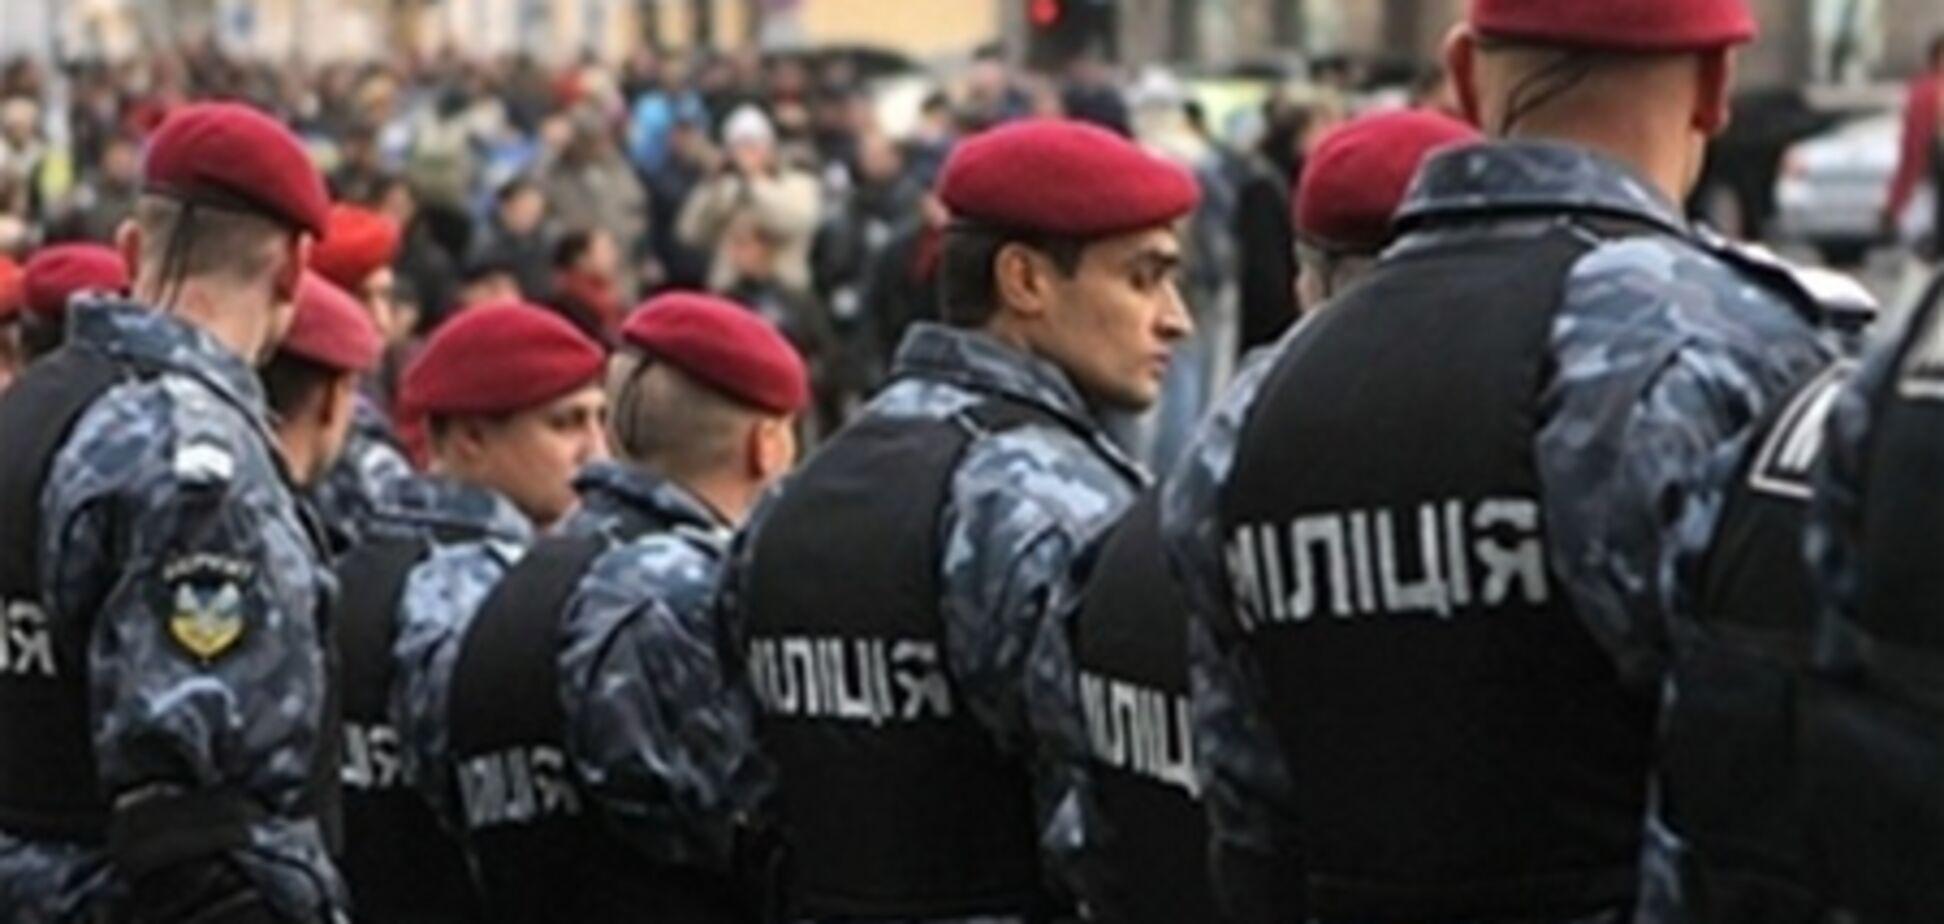 Скандал в 'Беркуте': бойцов заставляли платить дань руководству